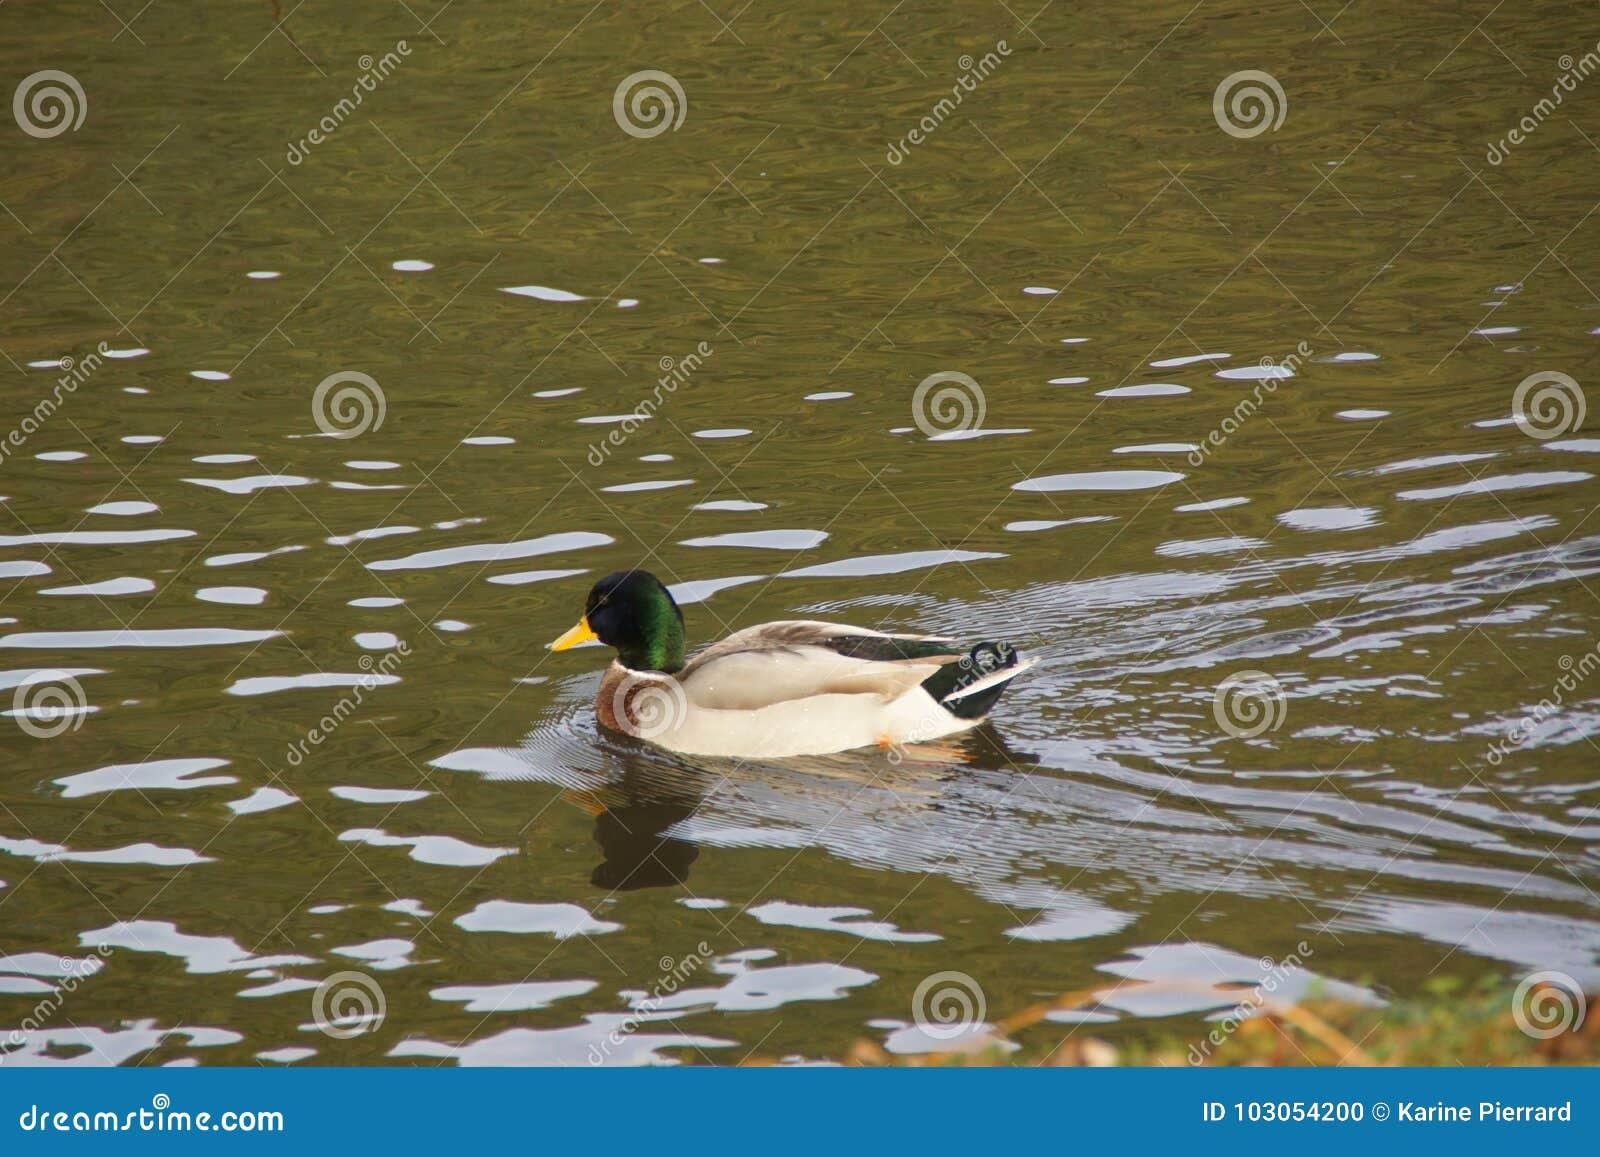 Eine Ente Stockente im wasser- die Natur ist schön